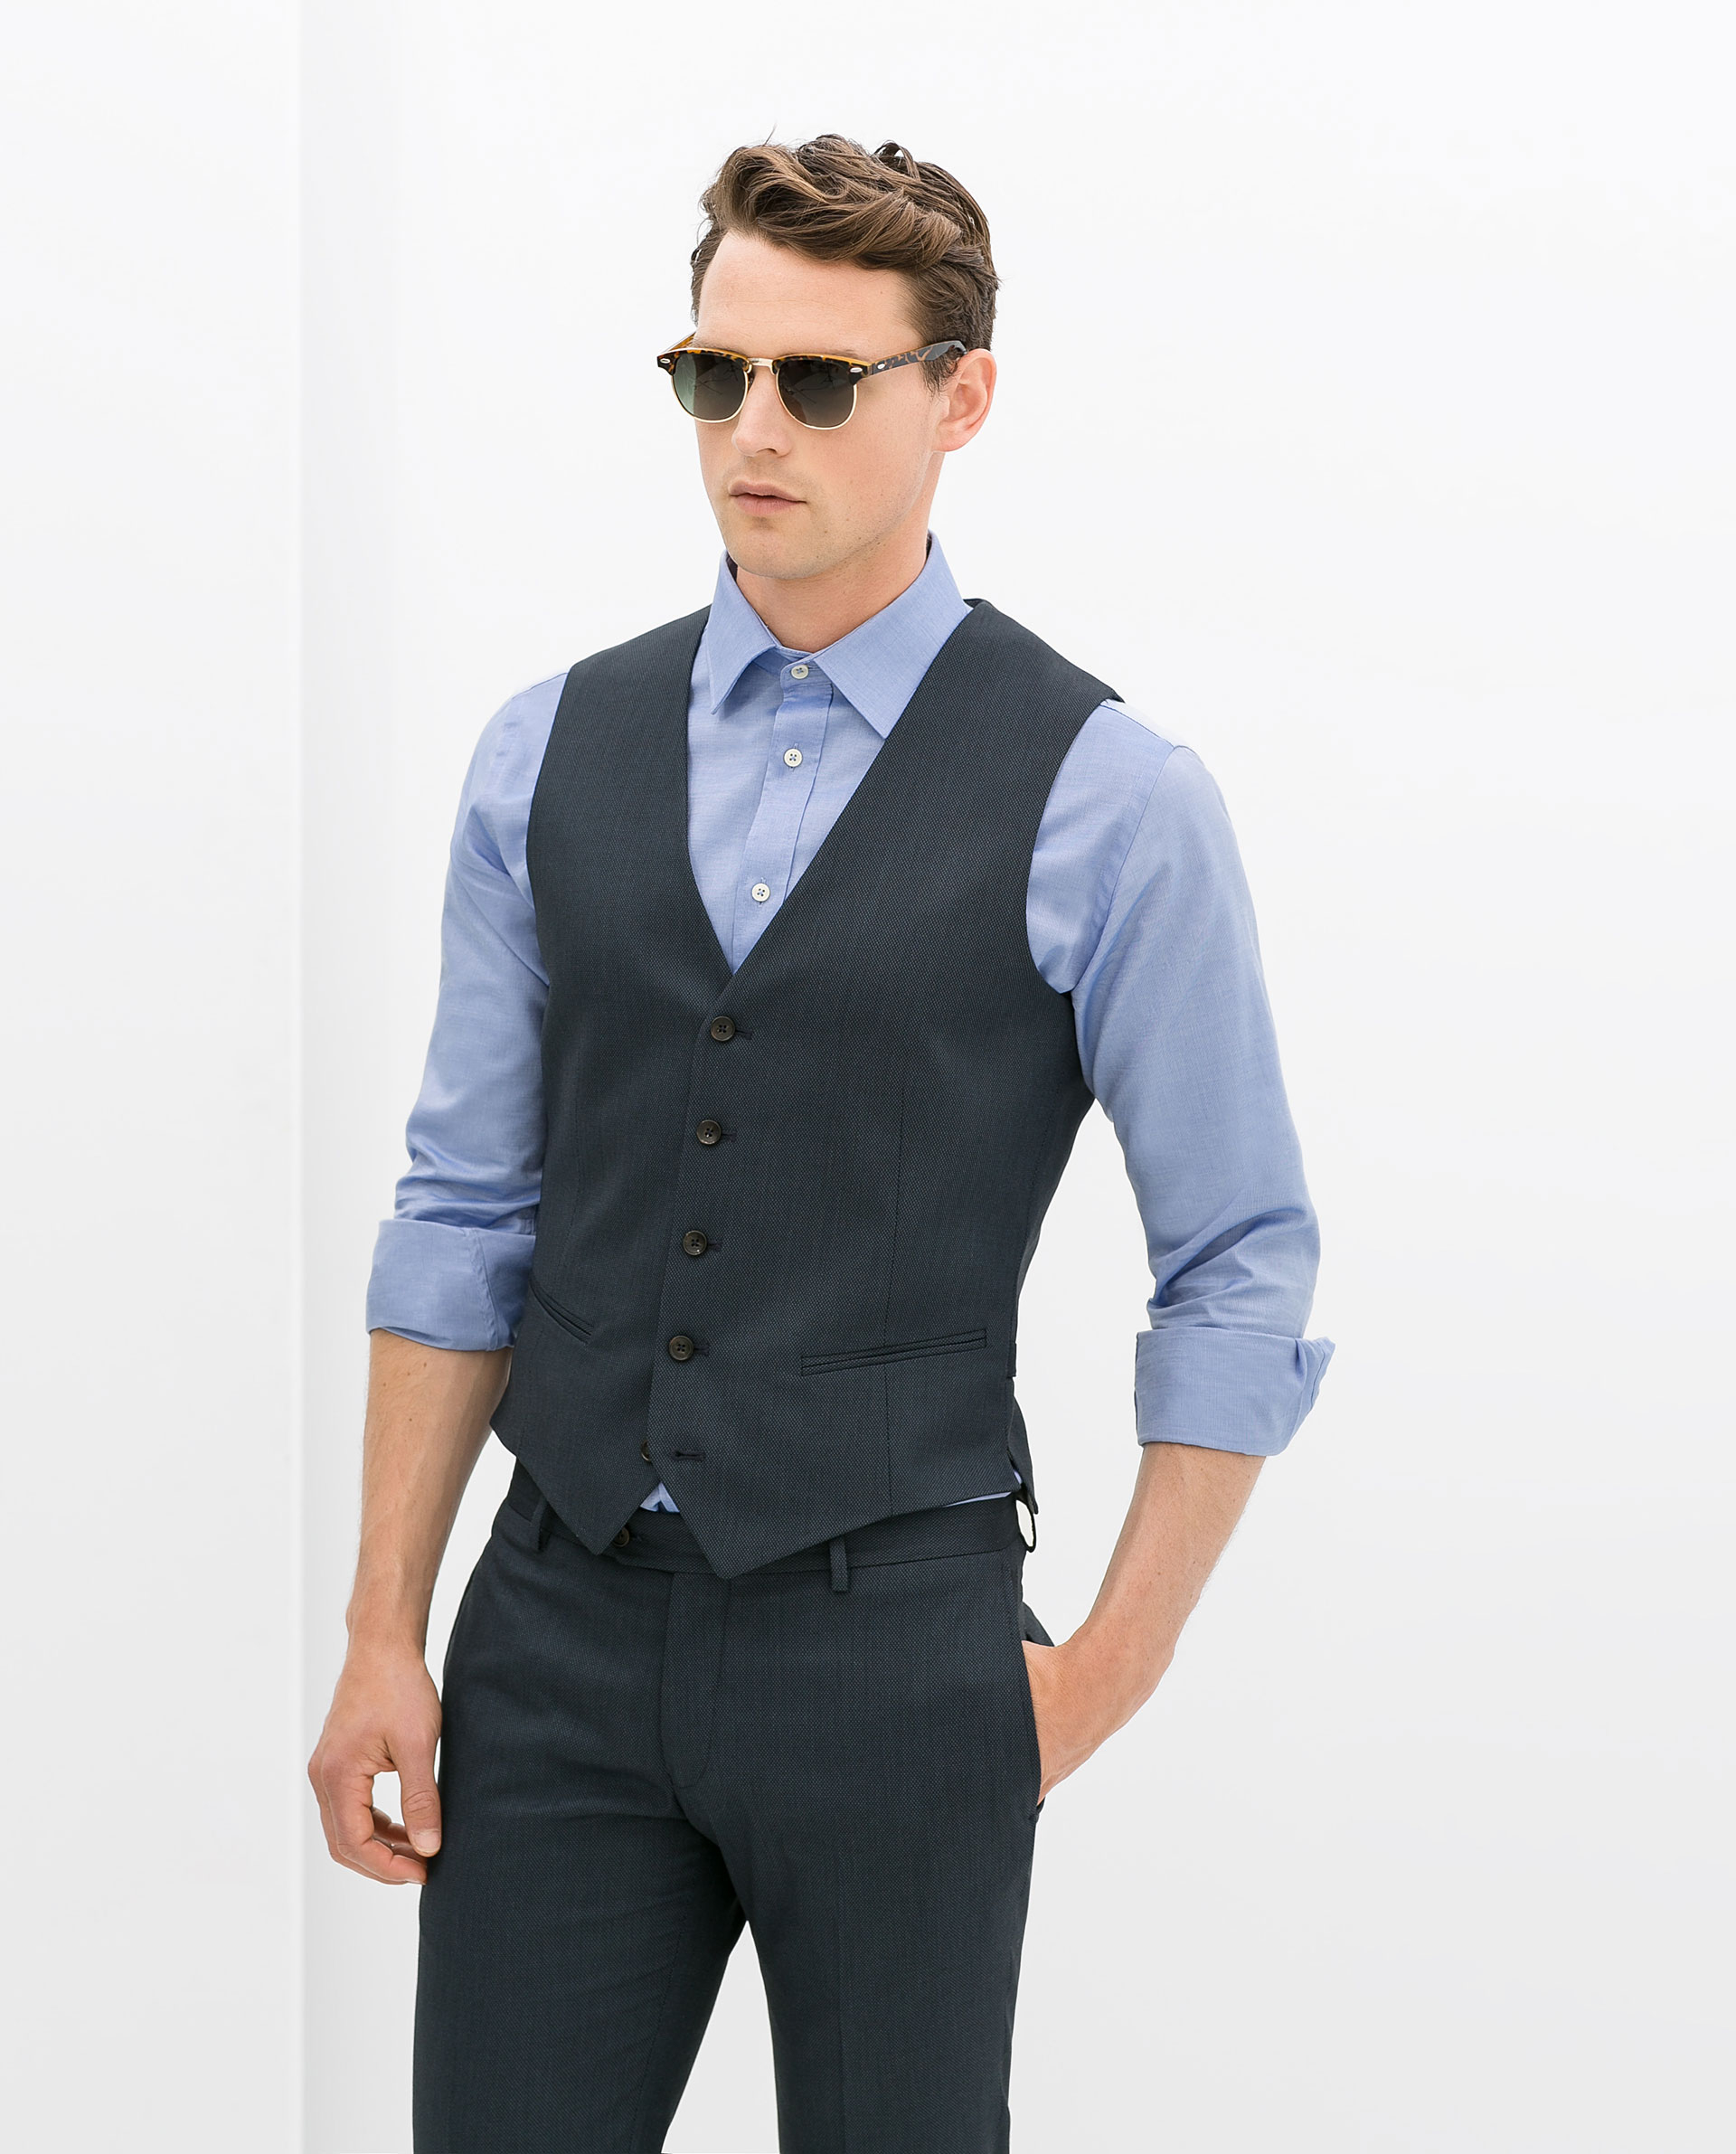 Erkek Yelek ncom'da. Erkek Yelek modelleri, erkek yelek markaları, seçenekleri, özellikleri ve en uygun fiyatları ncom'da sizi bekliyor! - 2/ alışverişin uğurlu adresi.